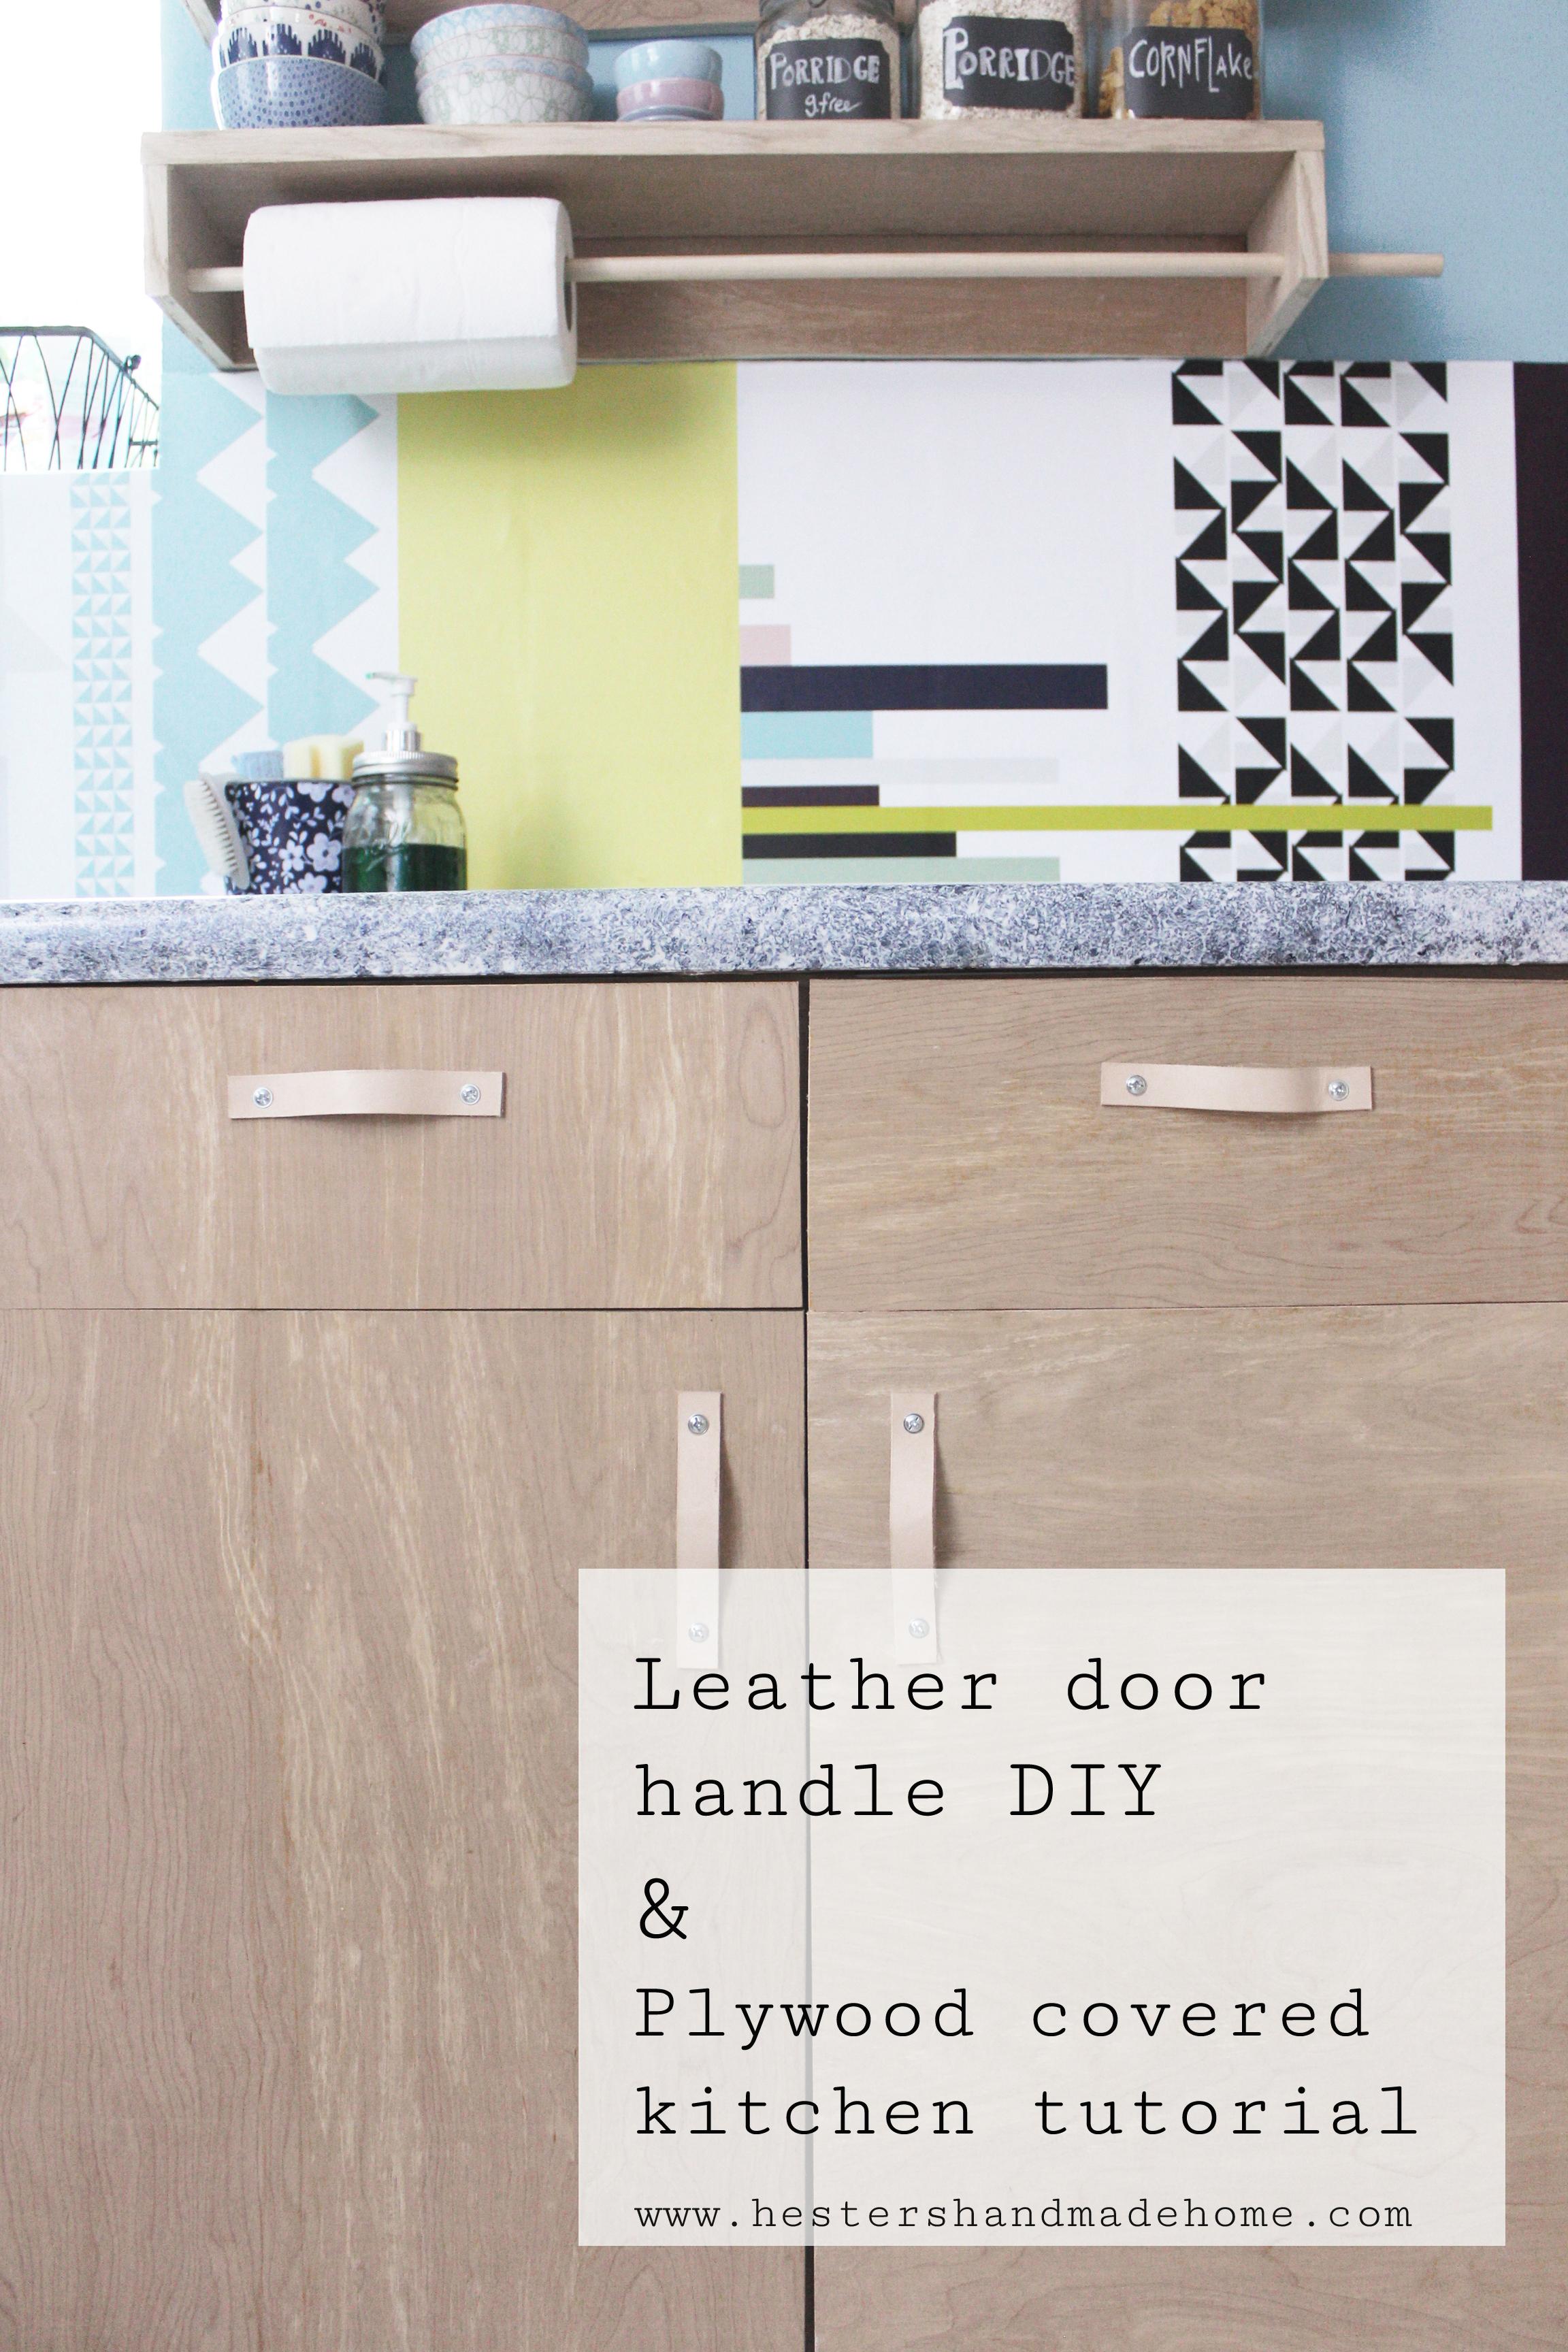 Plywood kicthen hack and handmade leather door handles, tutorials by hester's handmade Home